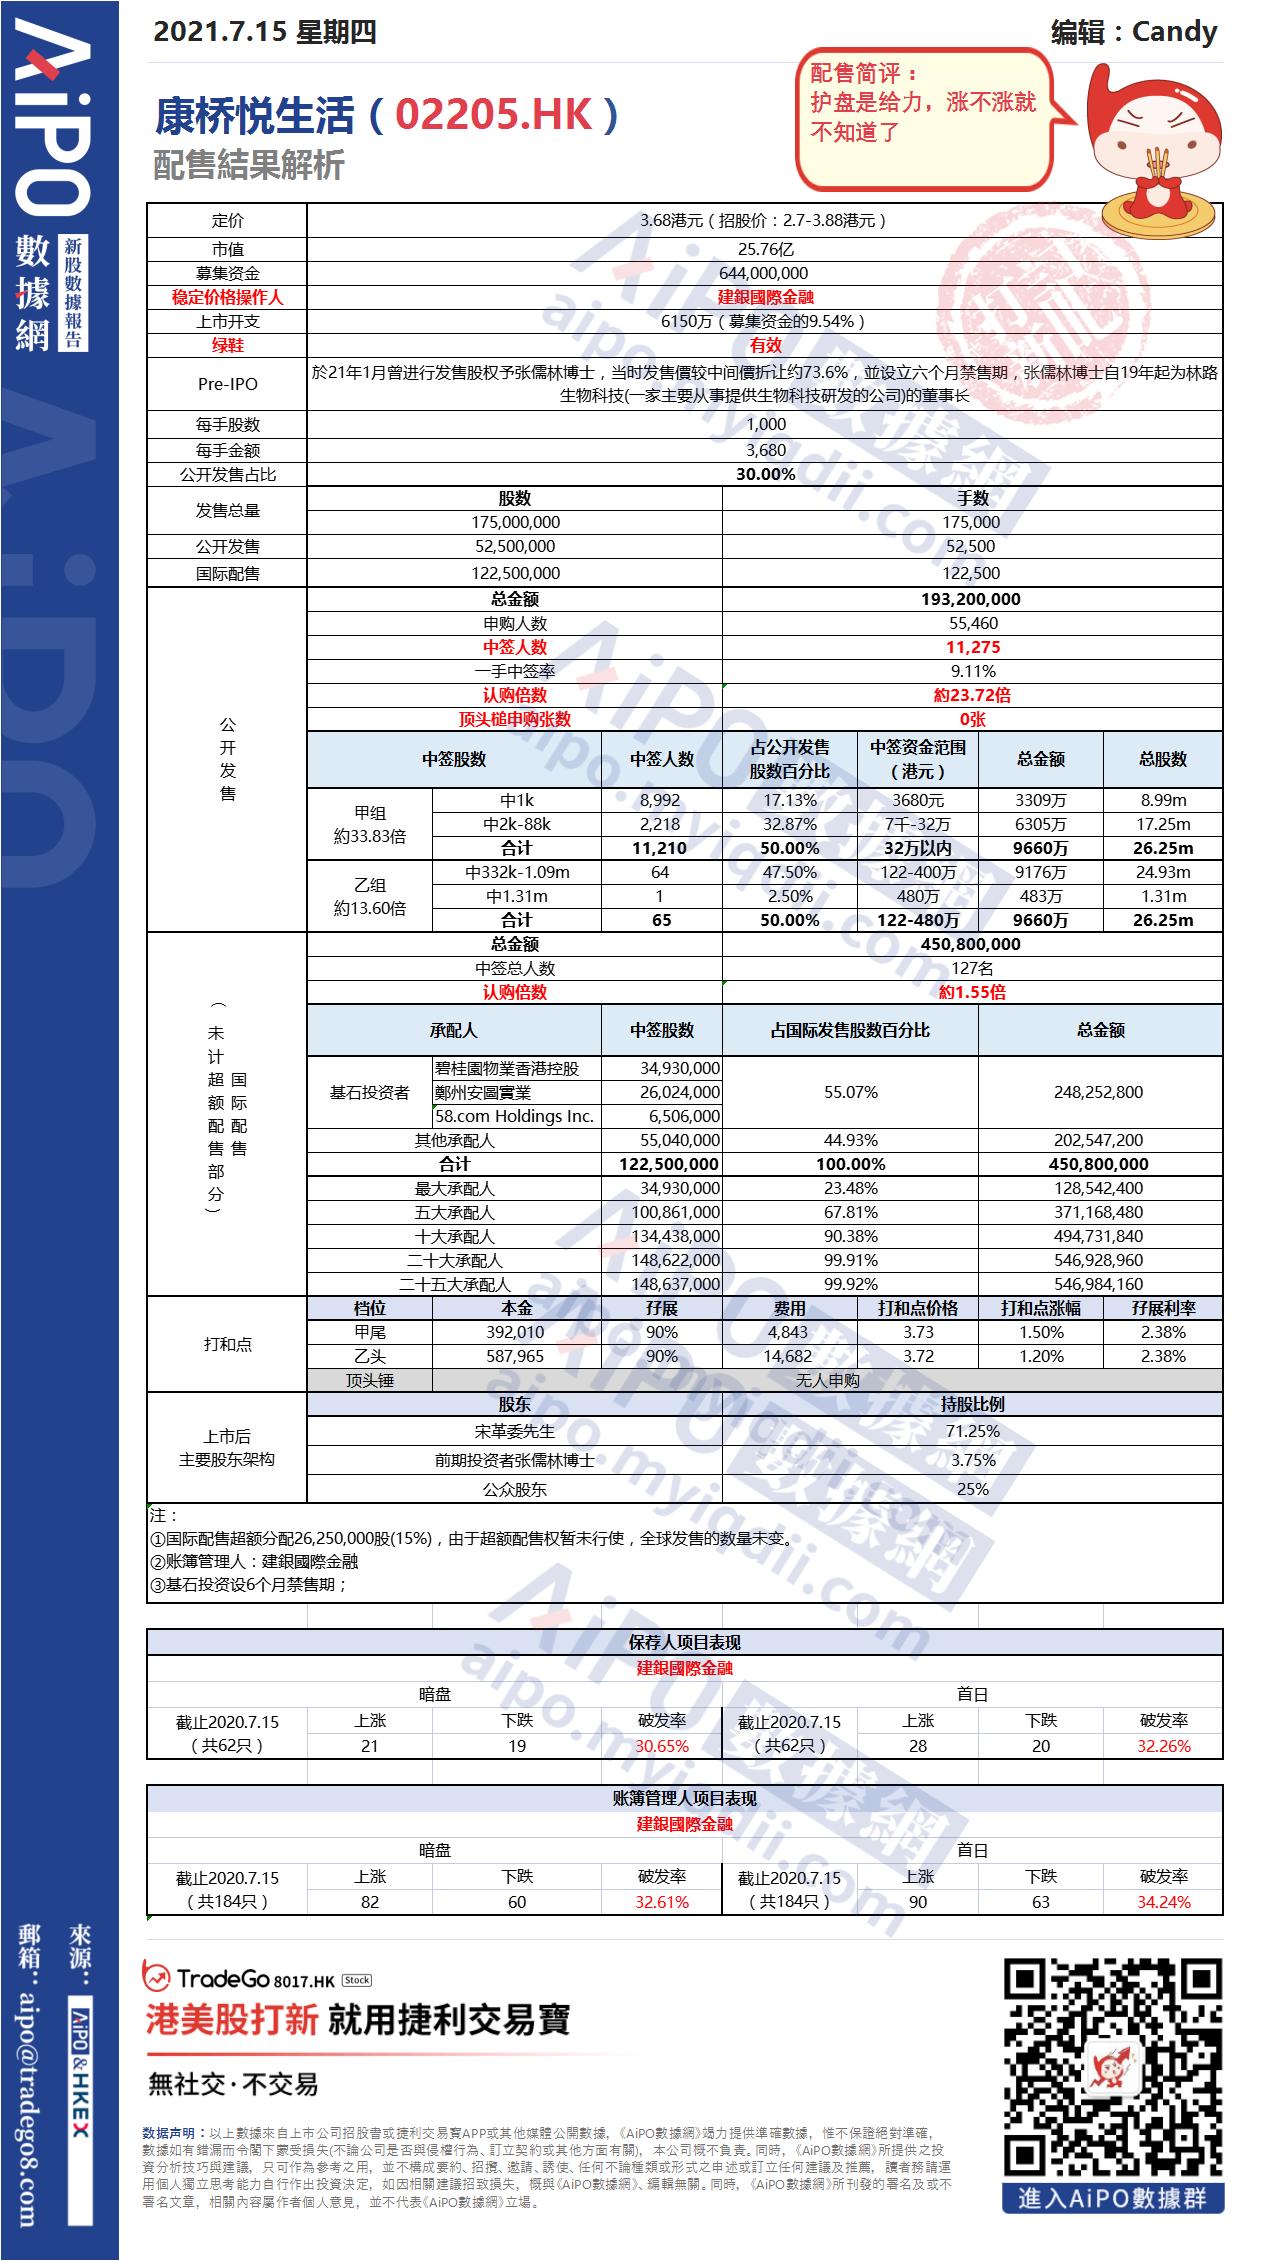 【新股AiPO】配售結果解析:康橋悅生活(02205.HK).png